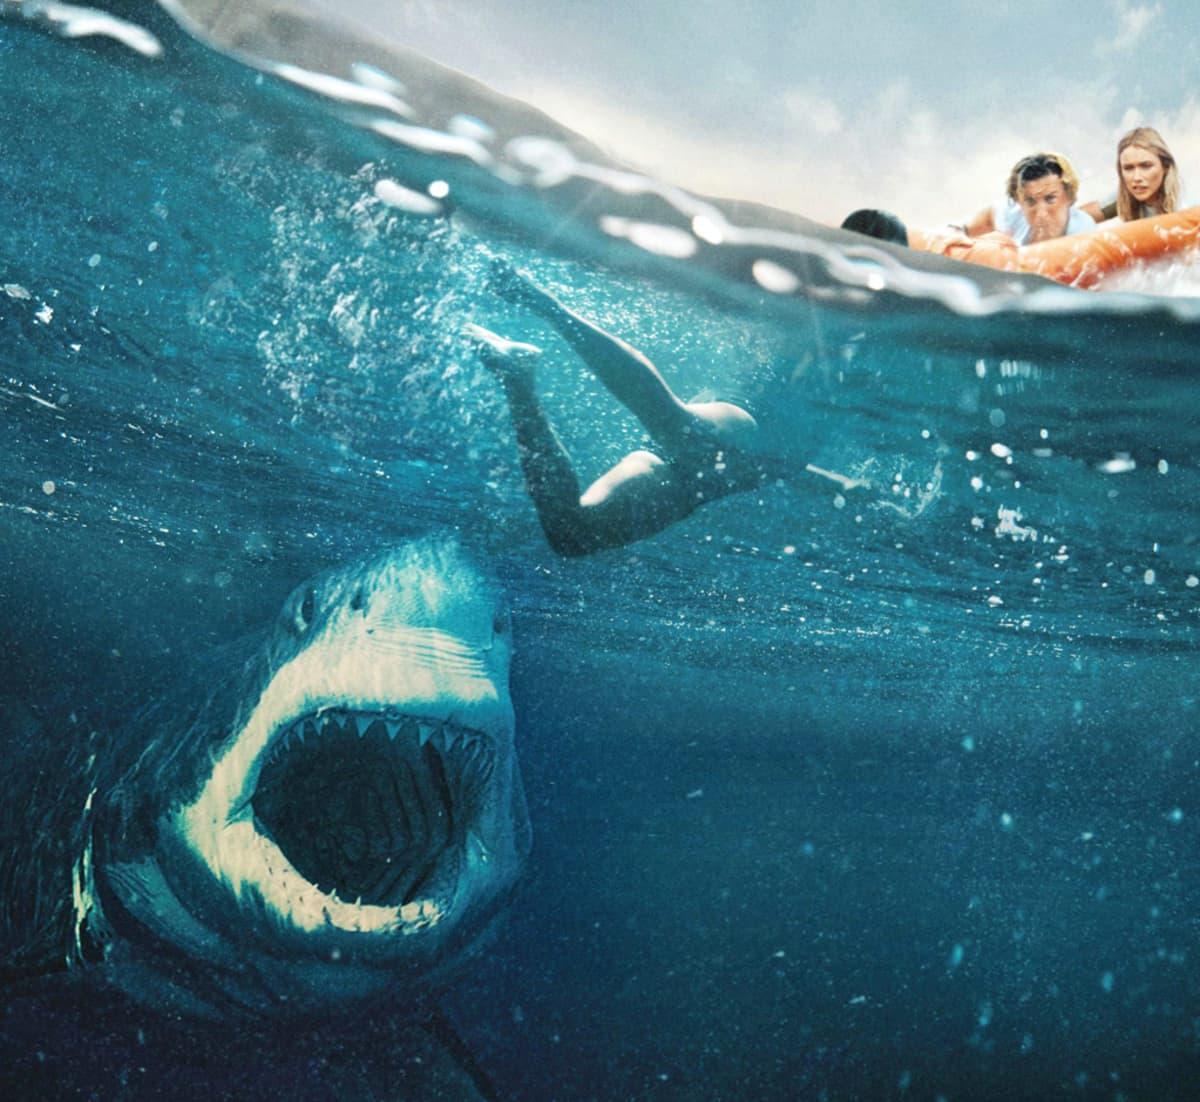 Kaksi ihmistä vetää kolmatta vedestä veneeseen. Häntä kohti ui valkohai kita ammollaan.